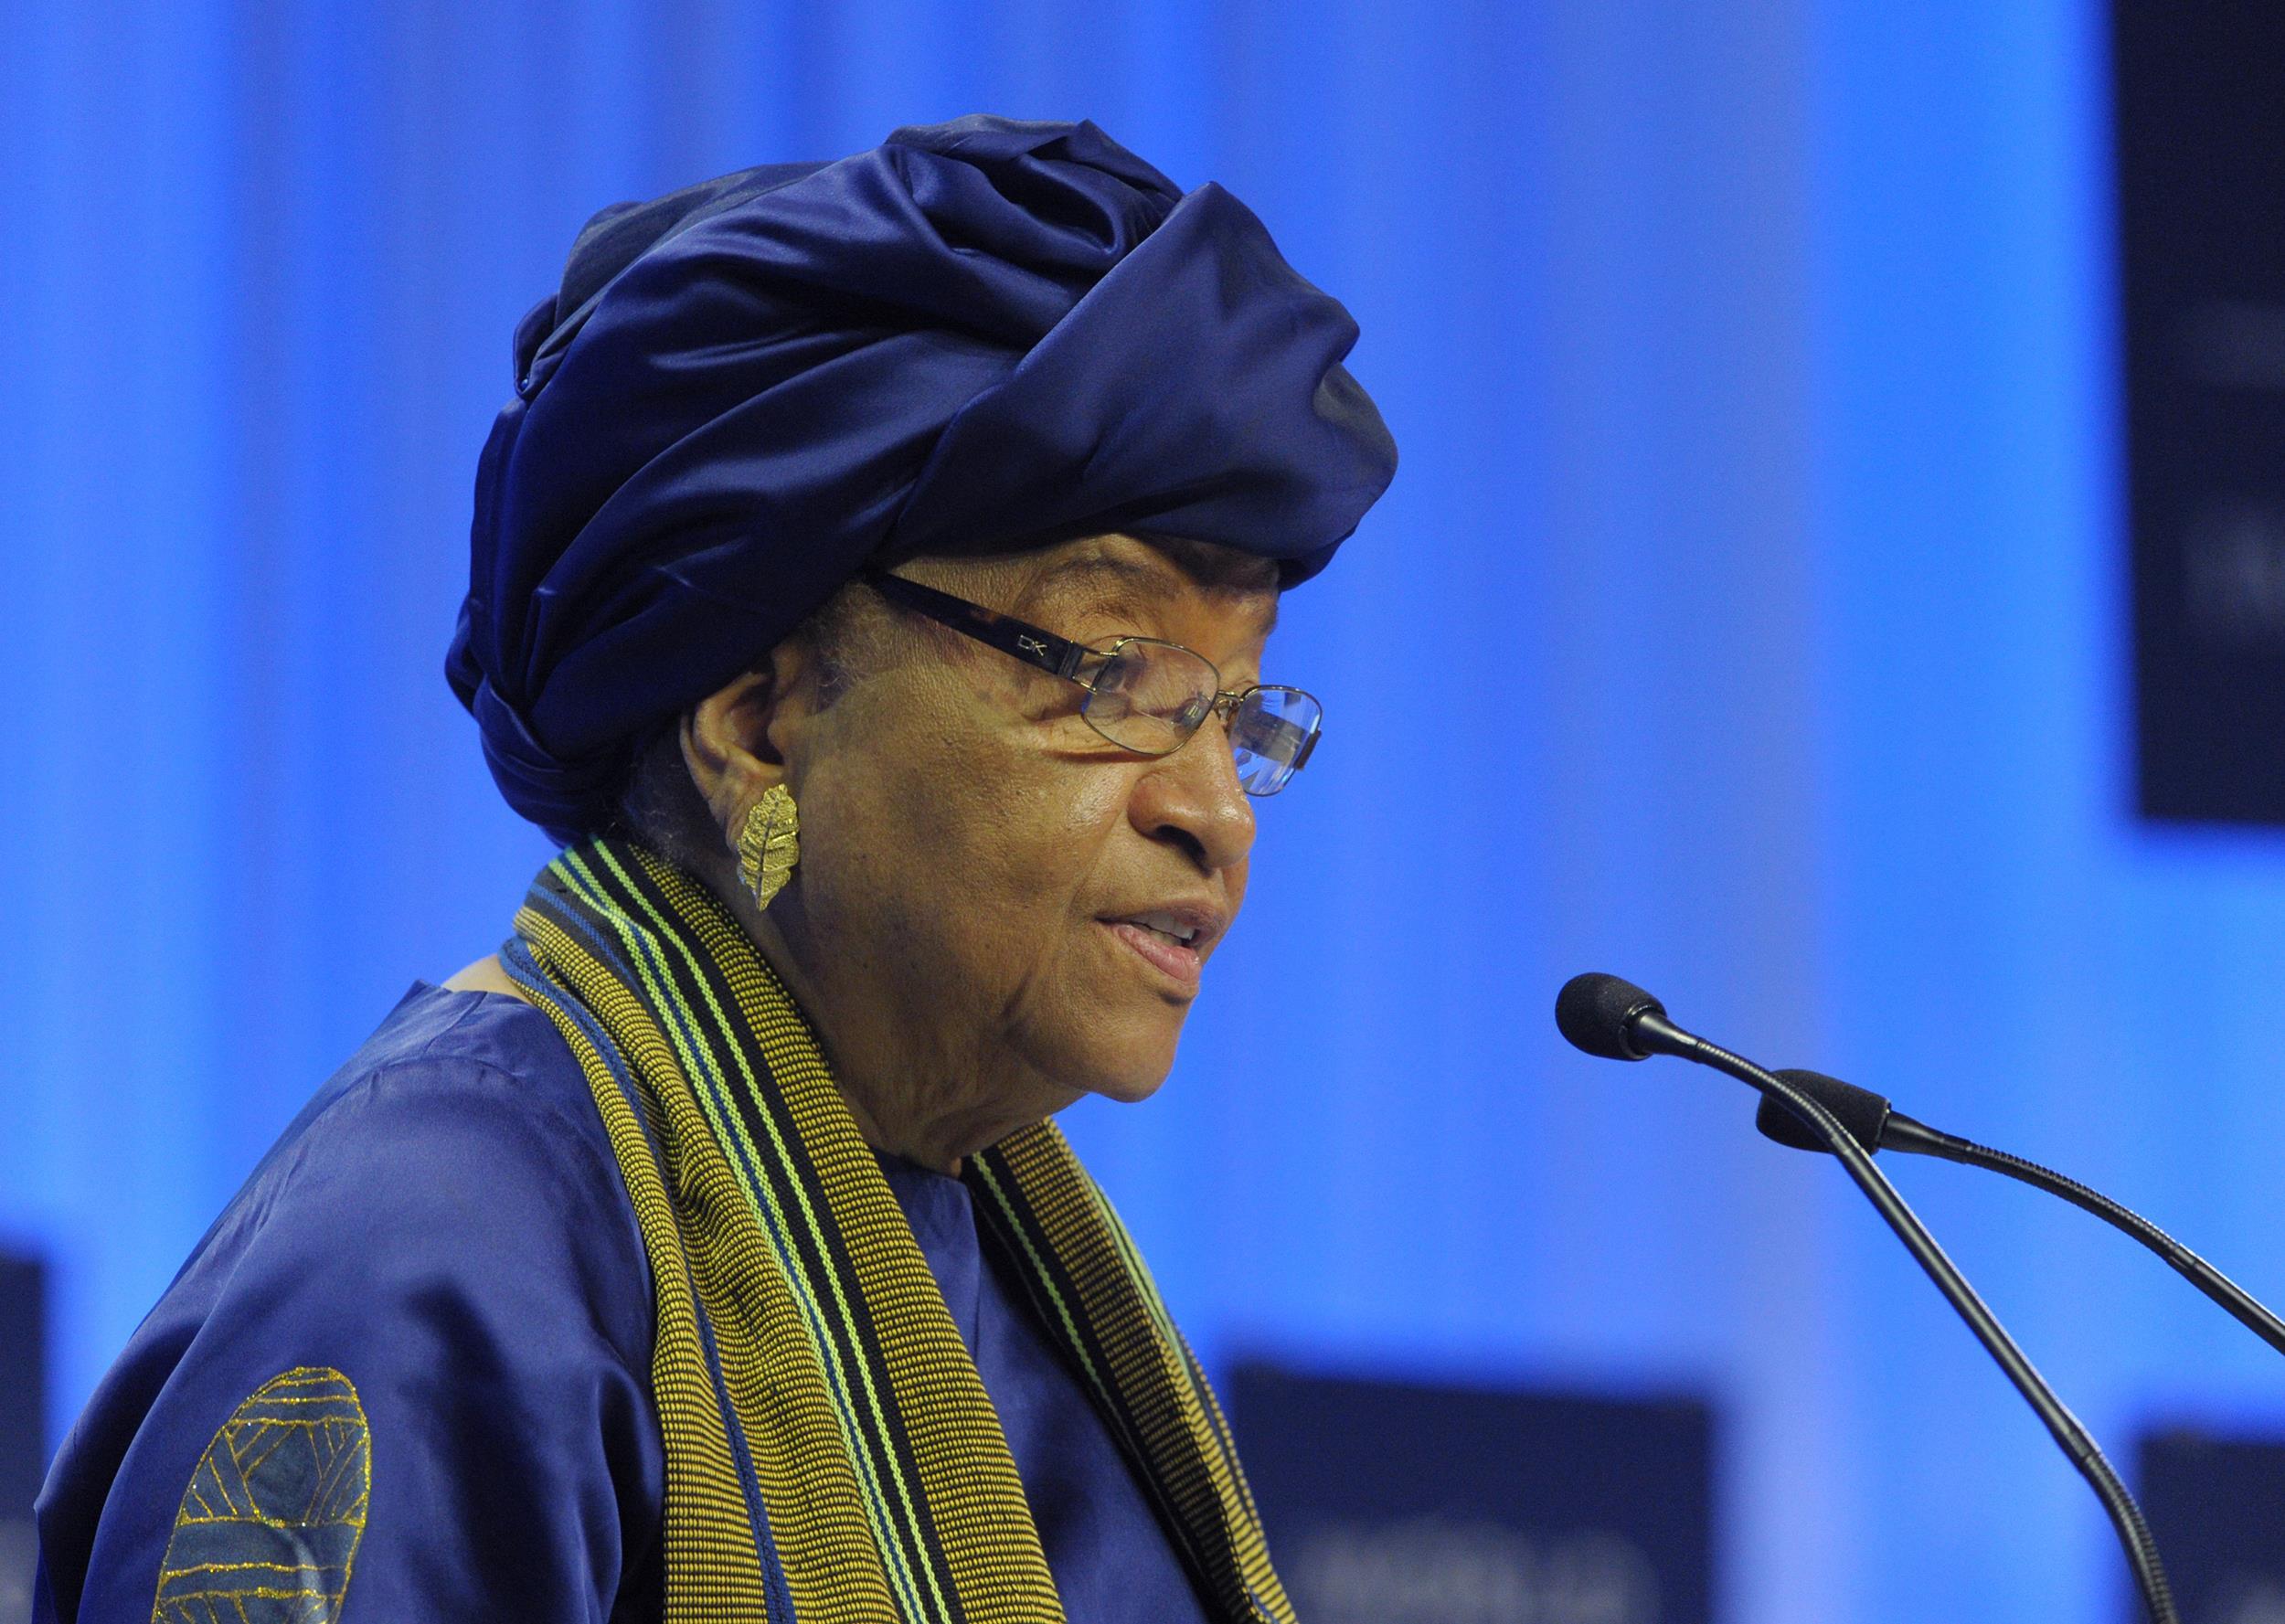 Image: Liberia's President Ellen Johnson-Sirleaf